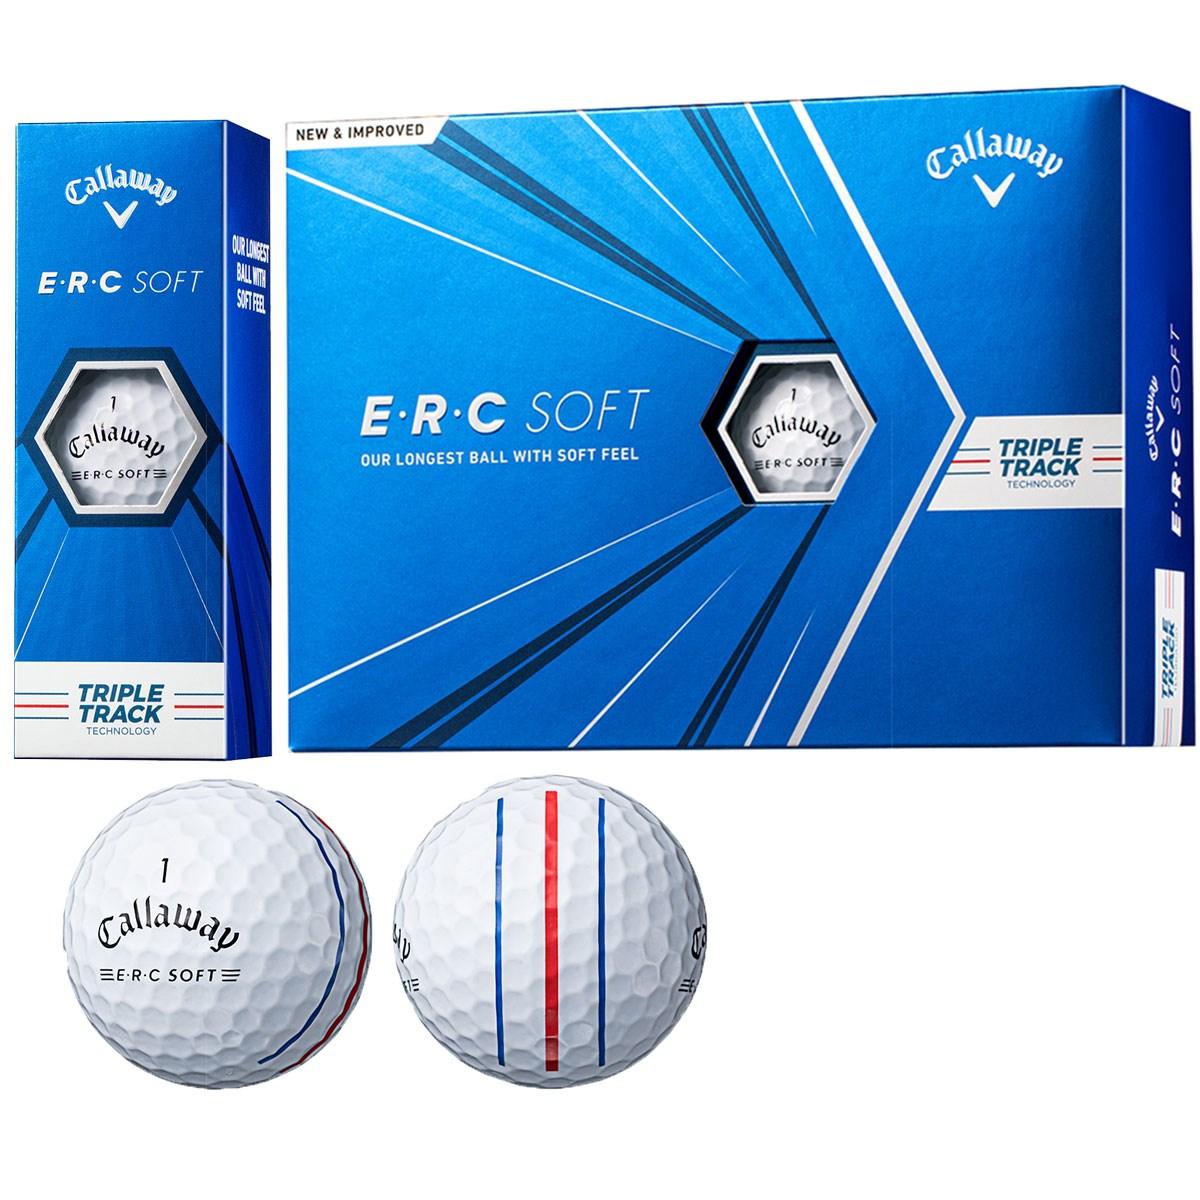 キャロウェイゴルフ E・R・C ERC SOFT 21 TRIPLE TRACKボール 5ダースセット 5ダース(60個入り) ホワイト